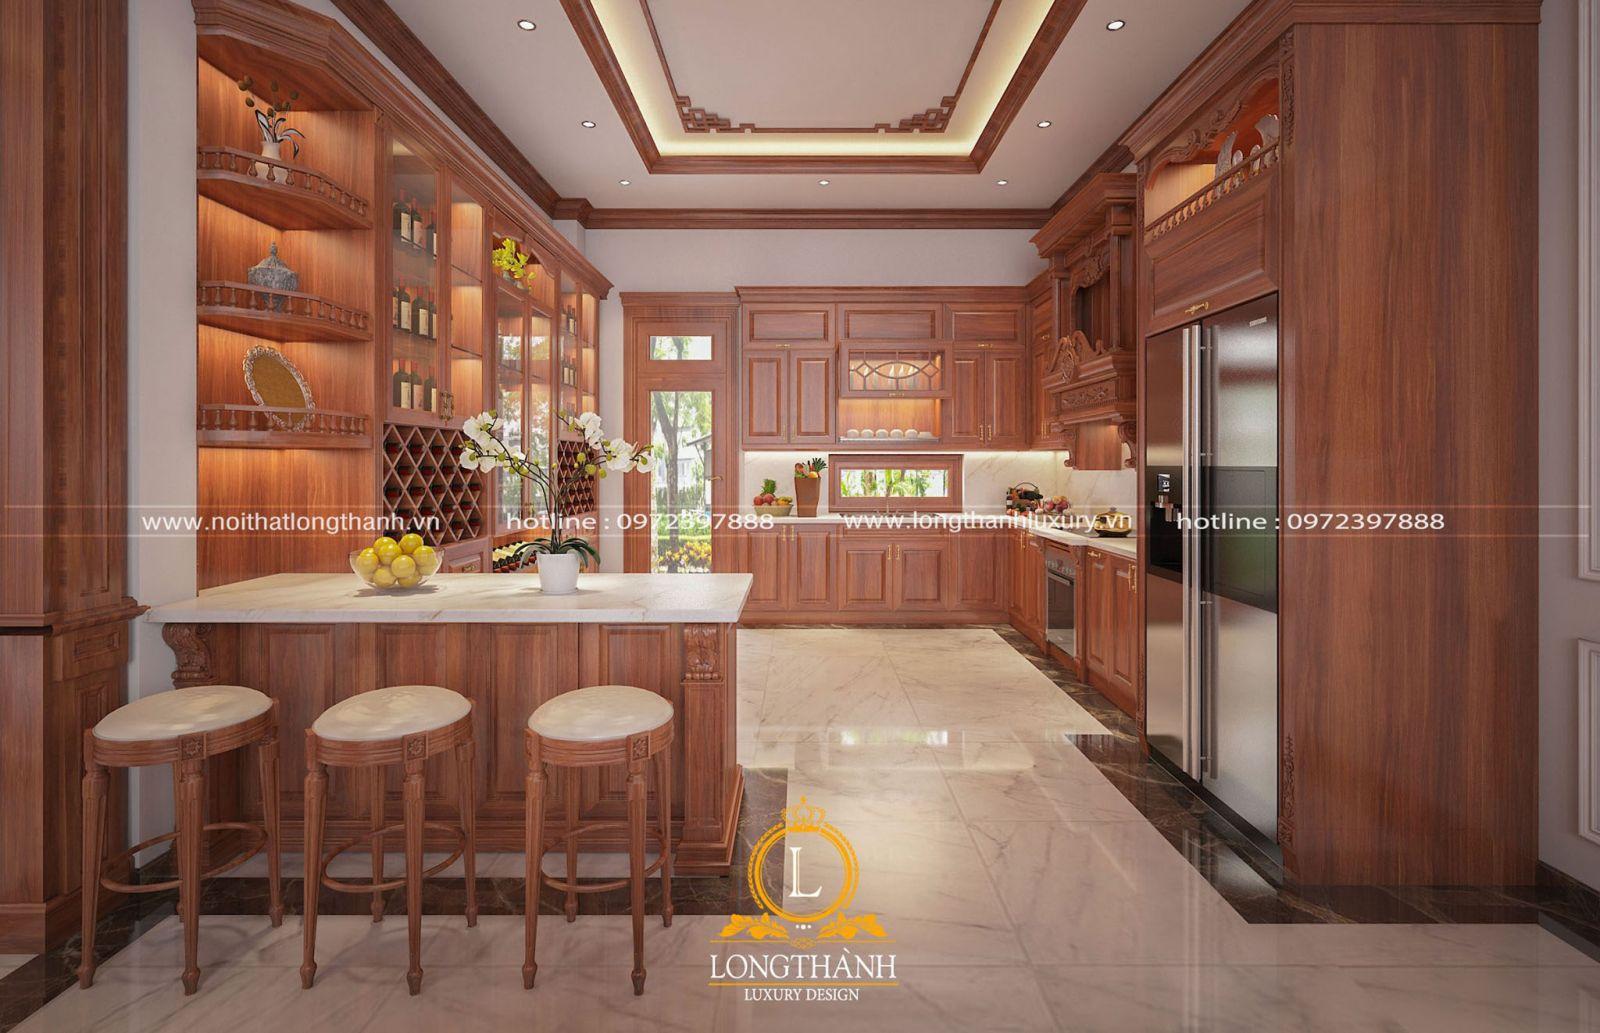 Thiết kế tủ bếp tân cổ điển gỗ Gõ đỏ tiện nghi hiện đại